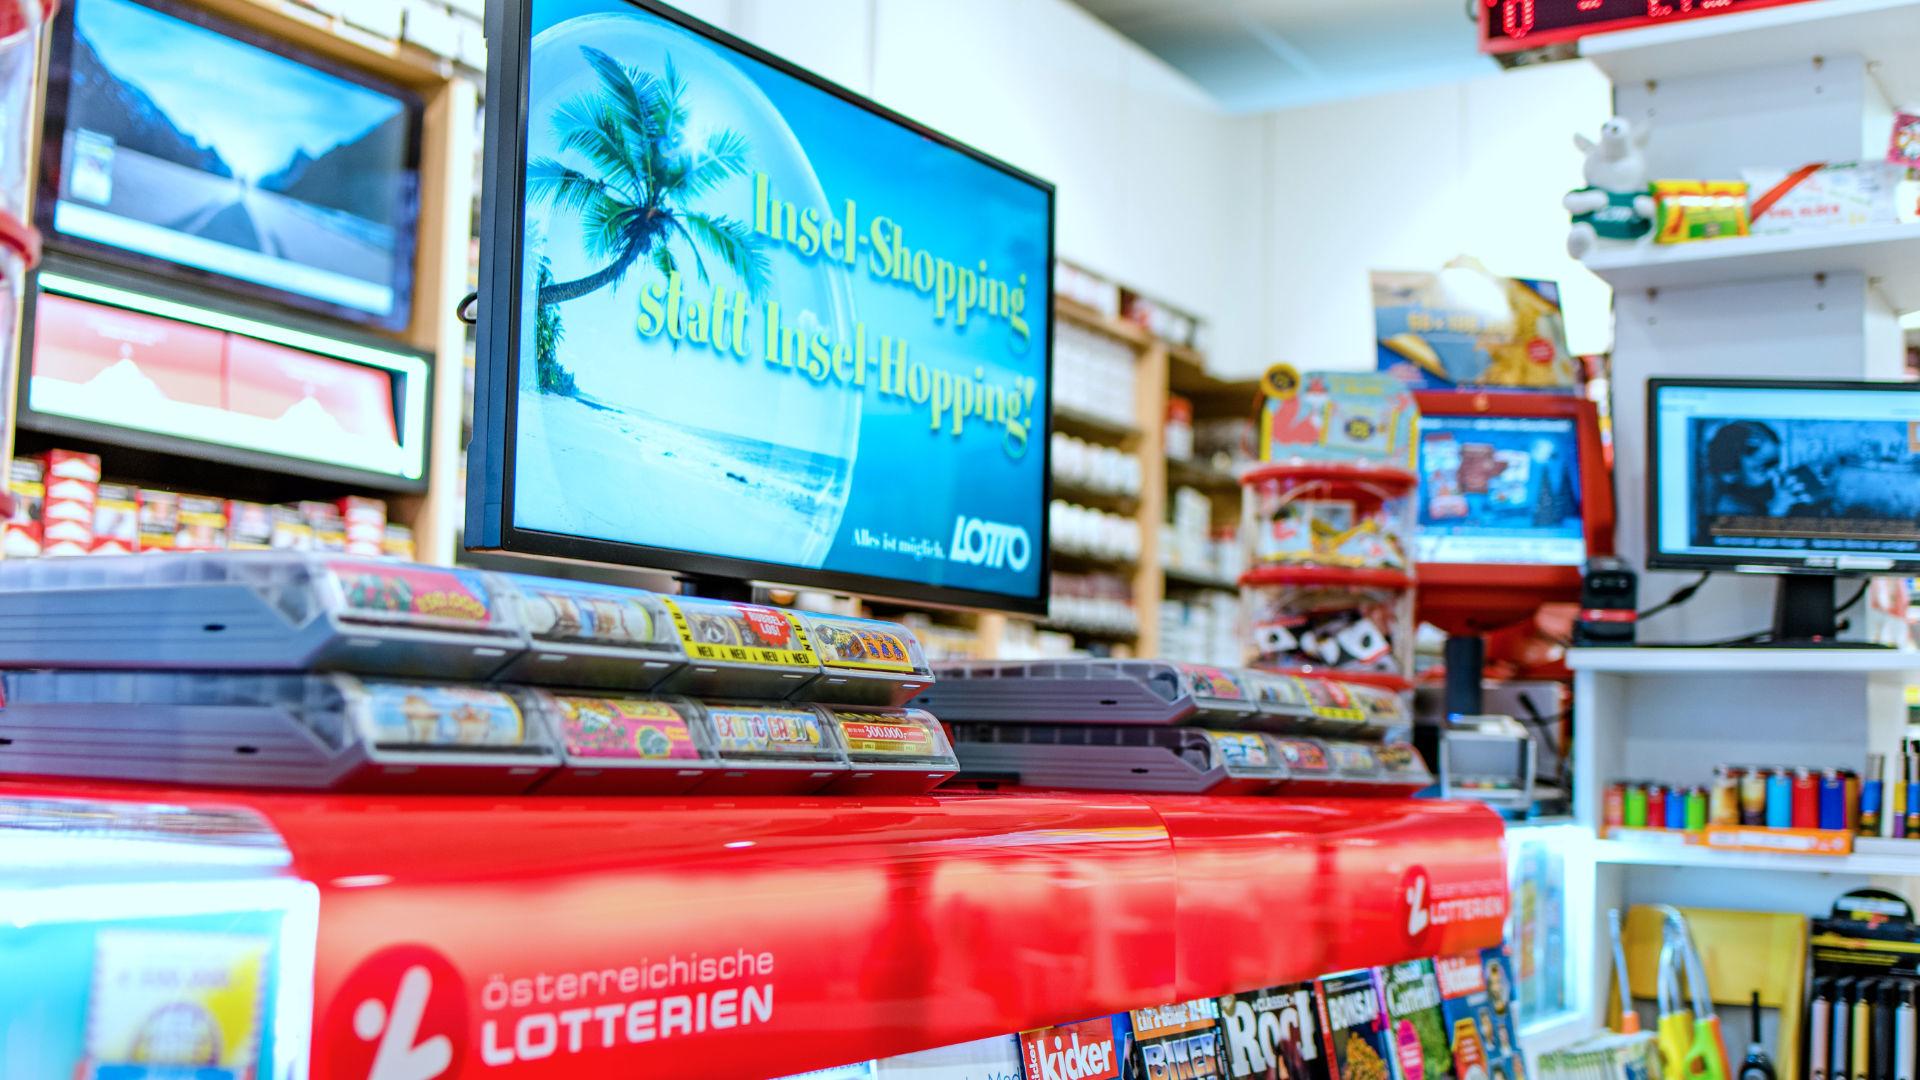 Werbescreen2 c Flor Digital Artist web